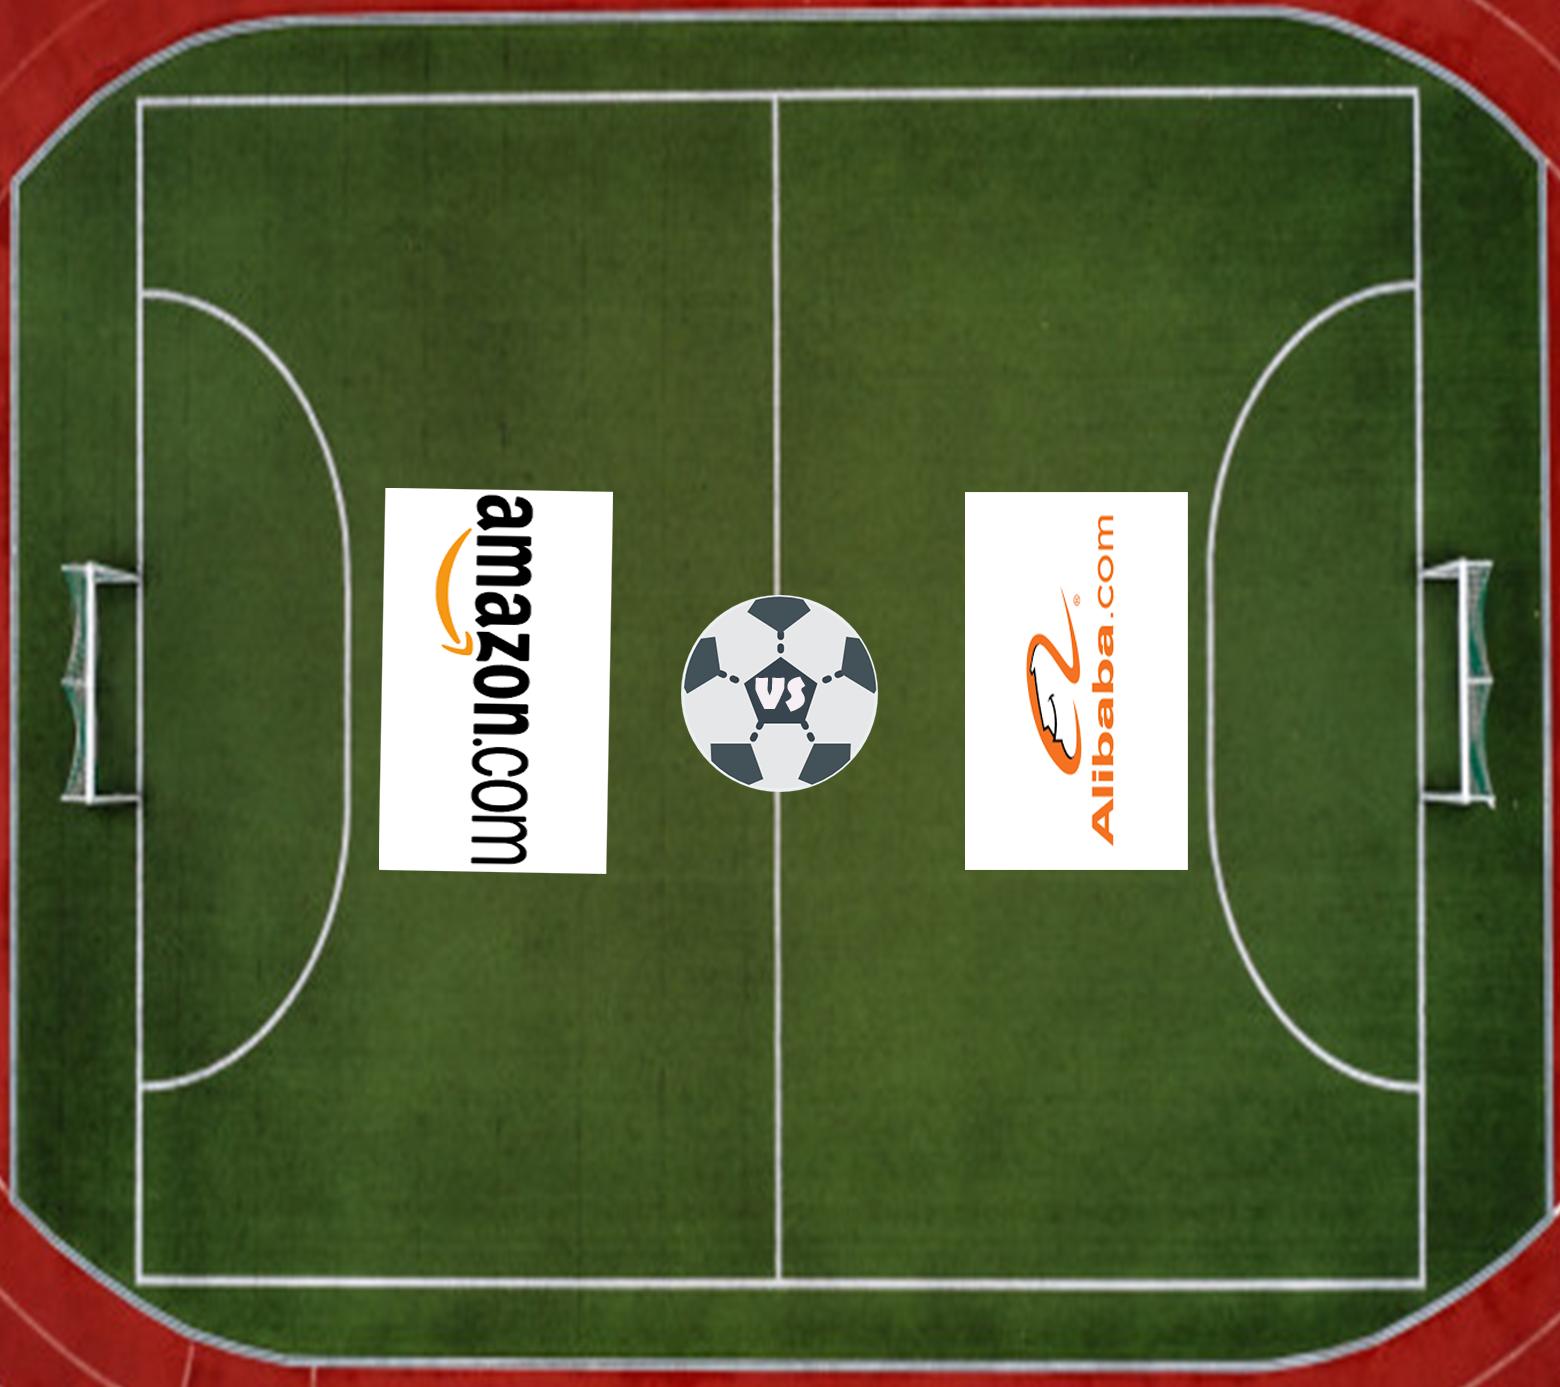 Amazon contre Alibaba, un match de géants